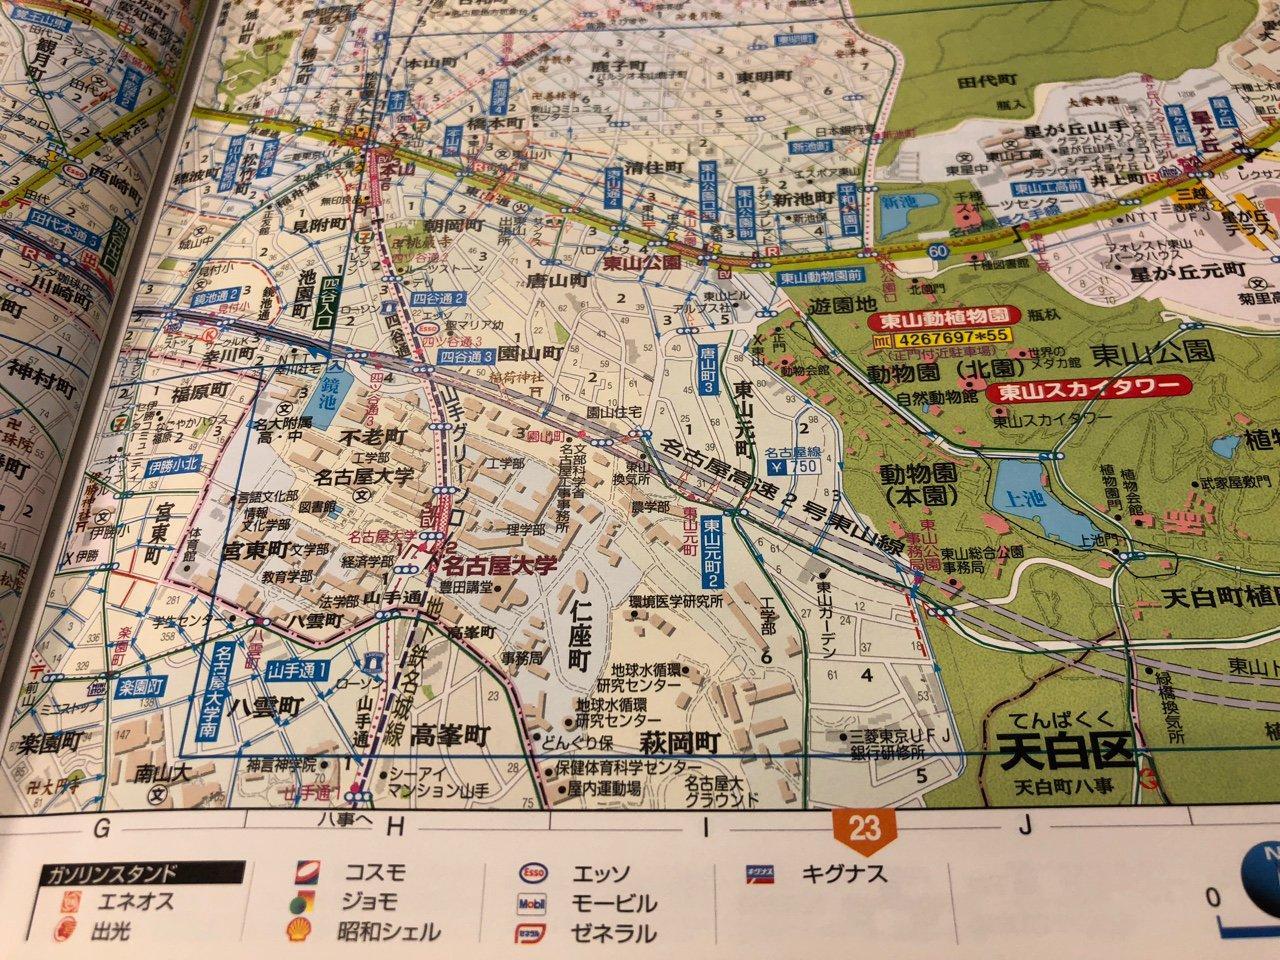 東山動植物園にもマップコード。  アトラスRDC 愛知県 道路地図 (2007年5月発行) https://t.co/Xofl11Vj0L